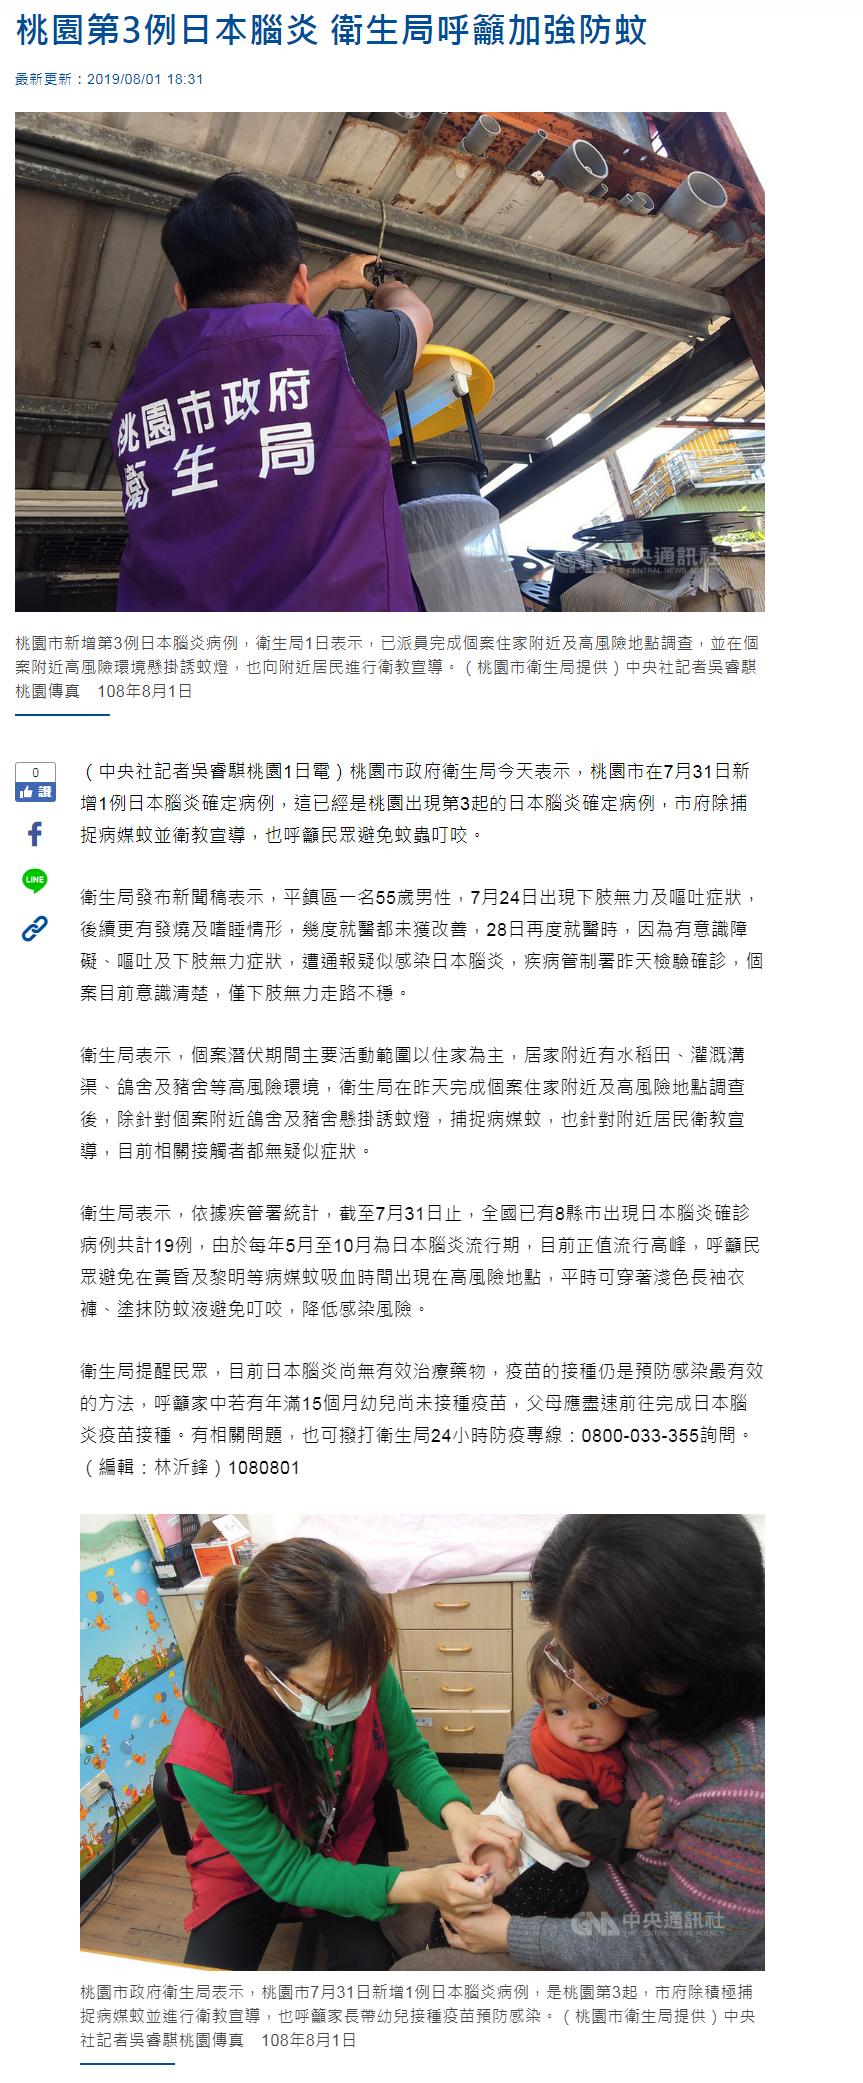 桃園第3例日本腦炎 衛生局呼籲加強防蚊